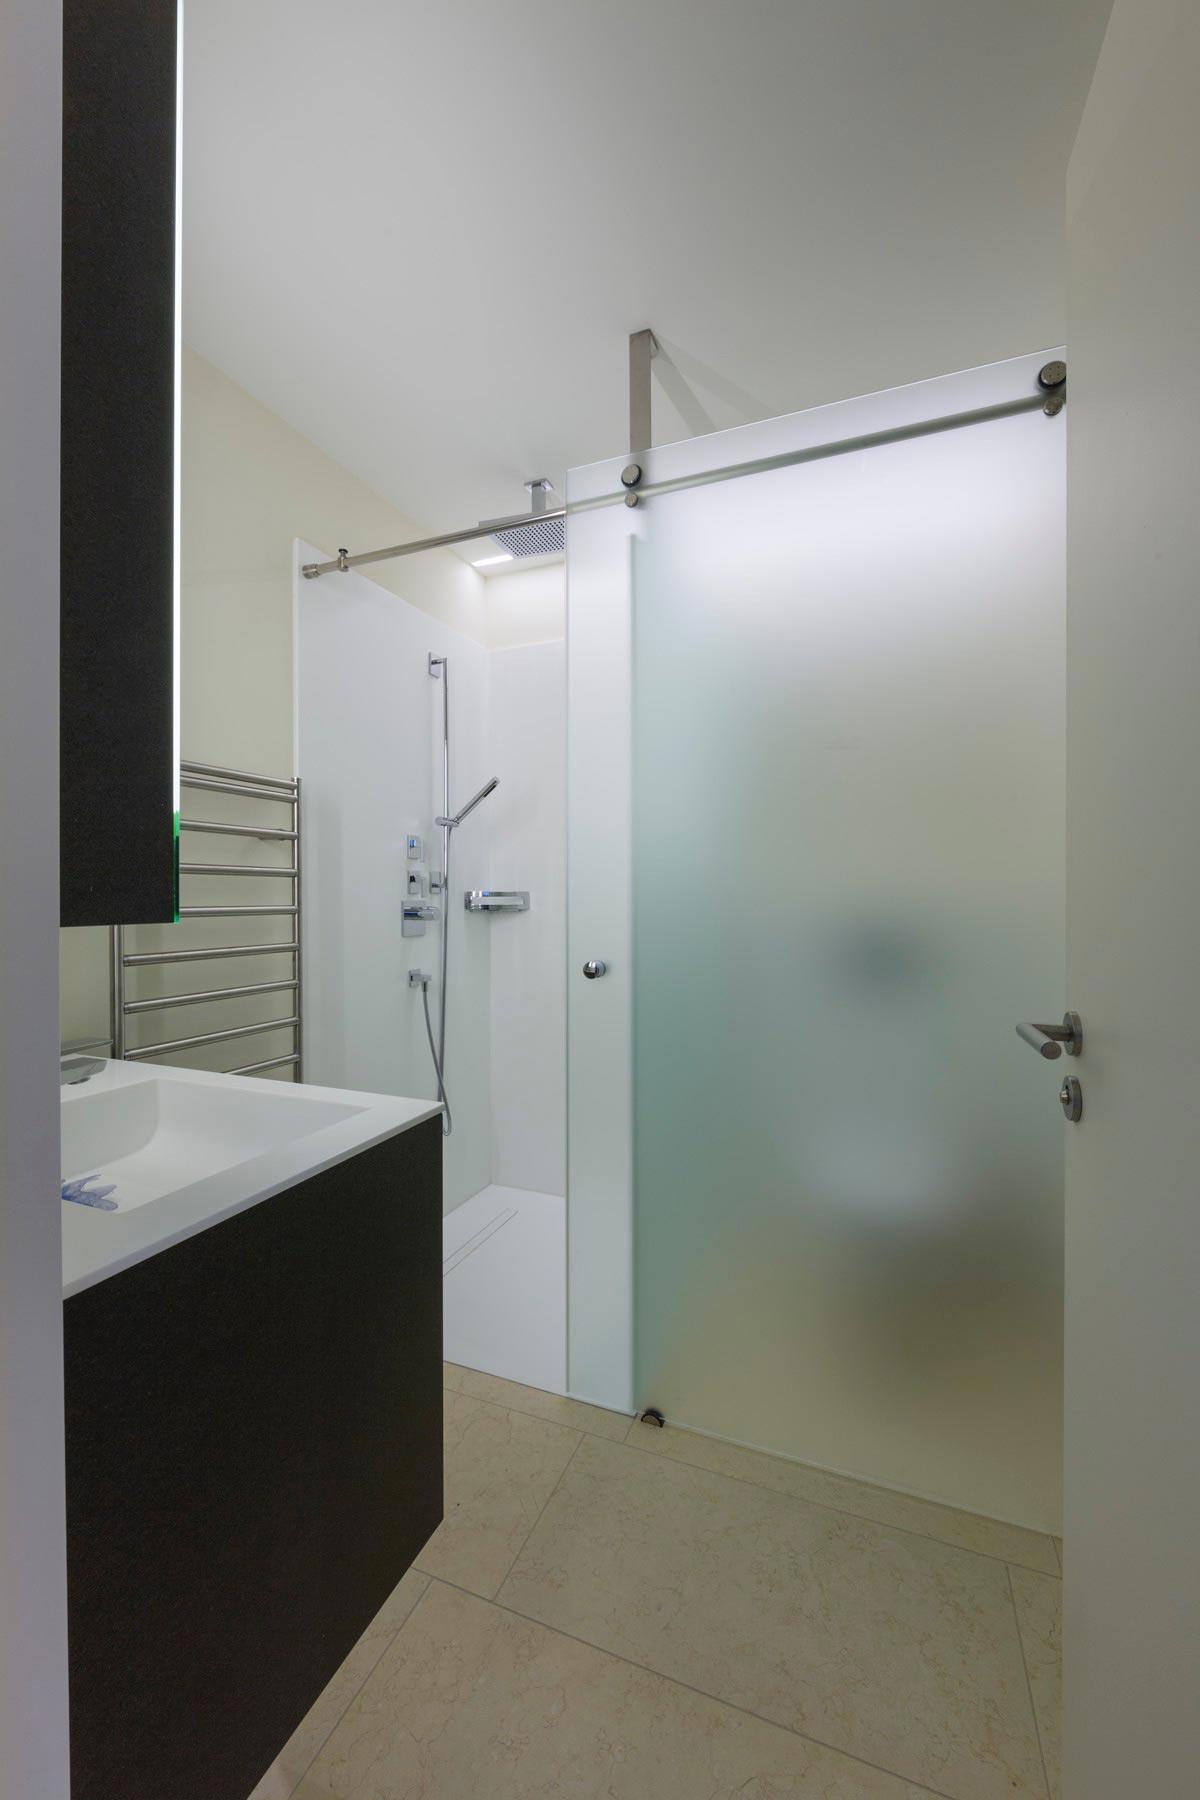 ES Man 5192 sb vtc 20 05 022 - Lilo 1 Une salle de bain coulissante